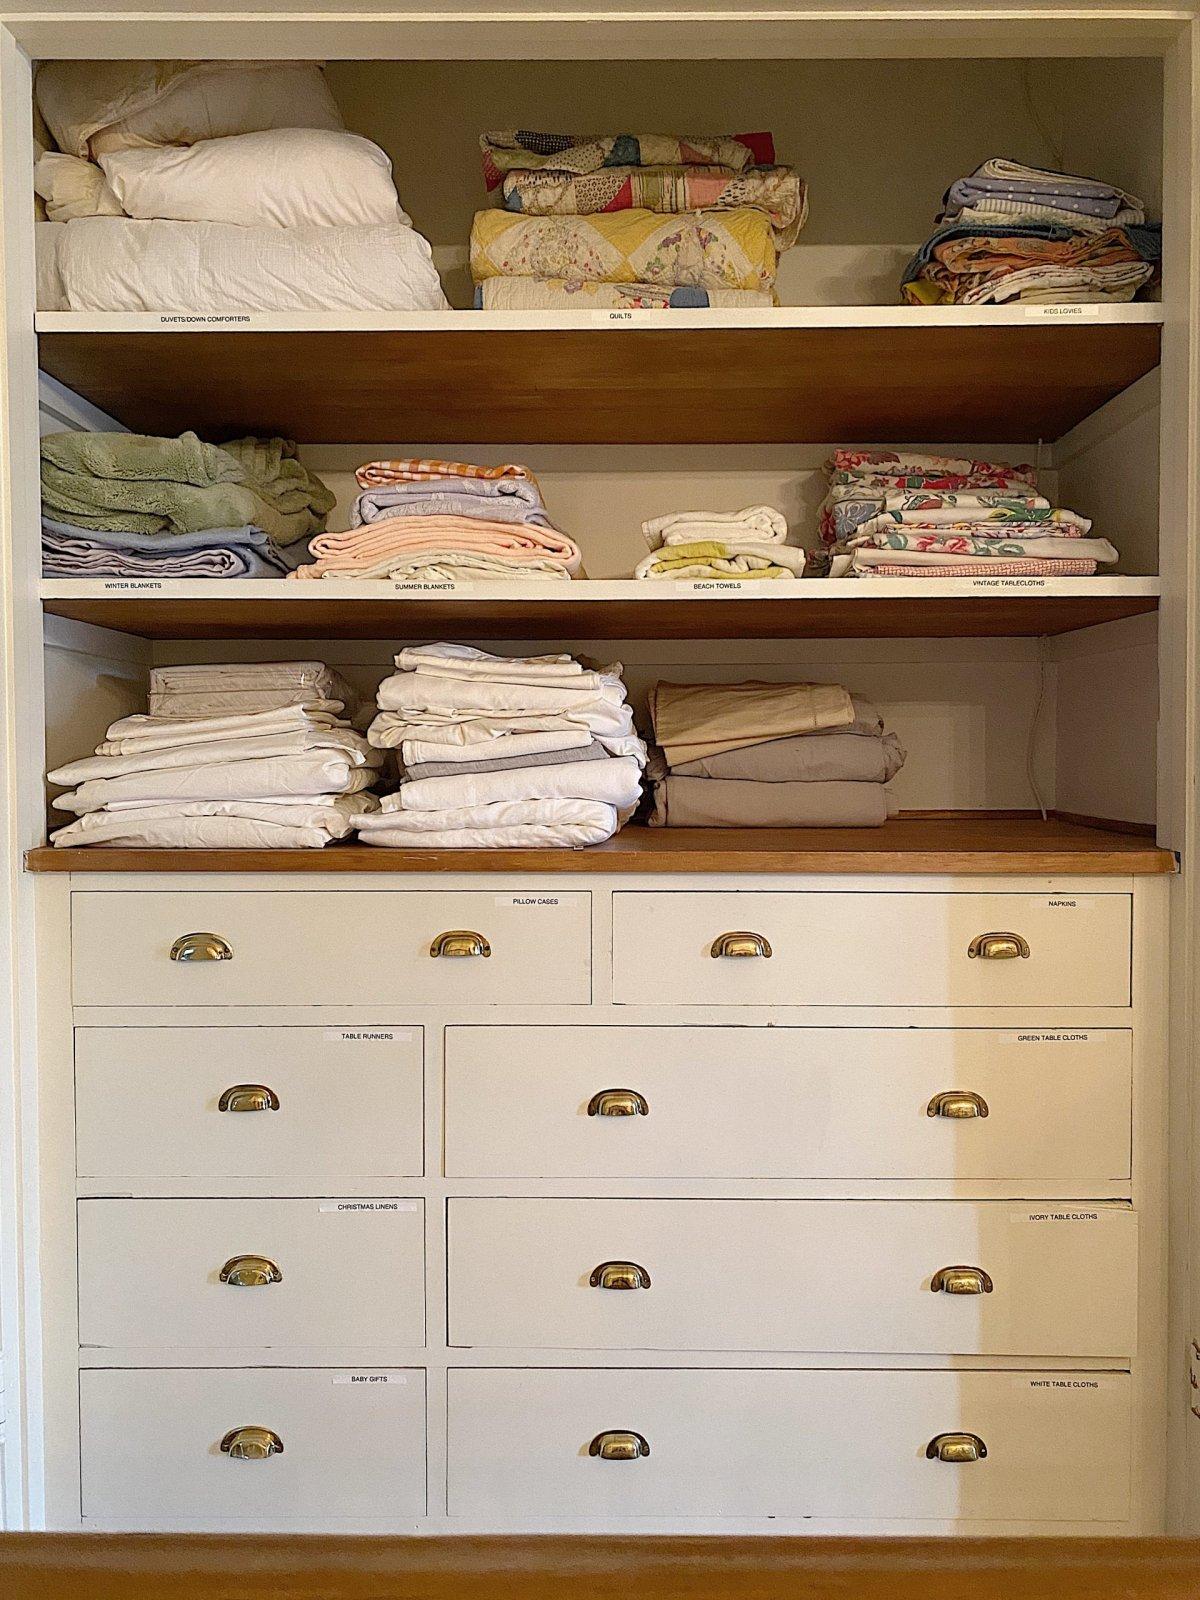 Organize a Linen Closet After Photo